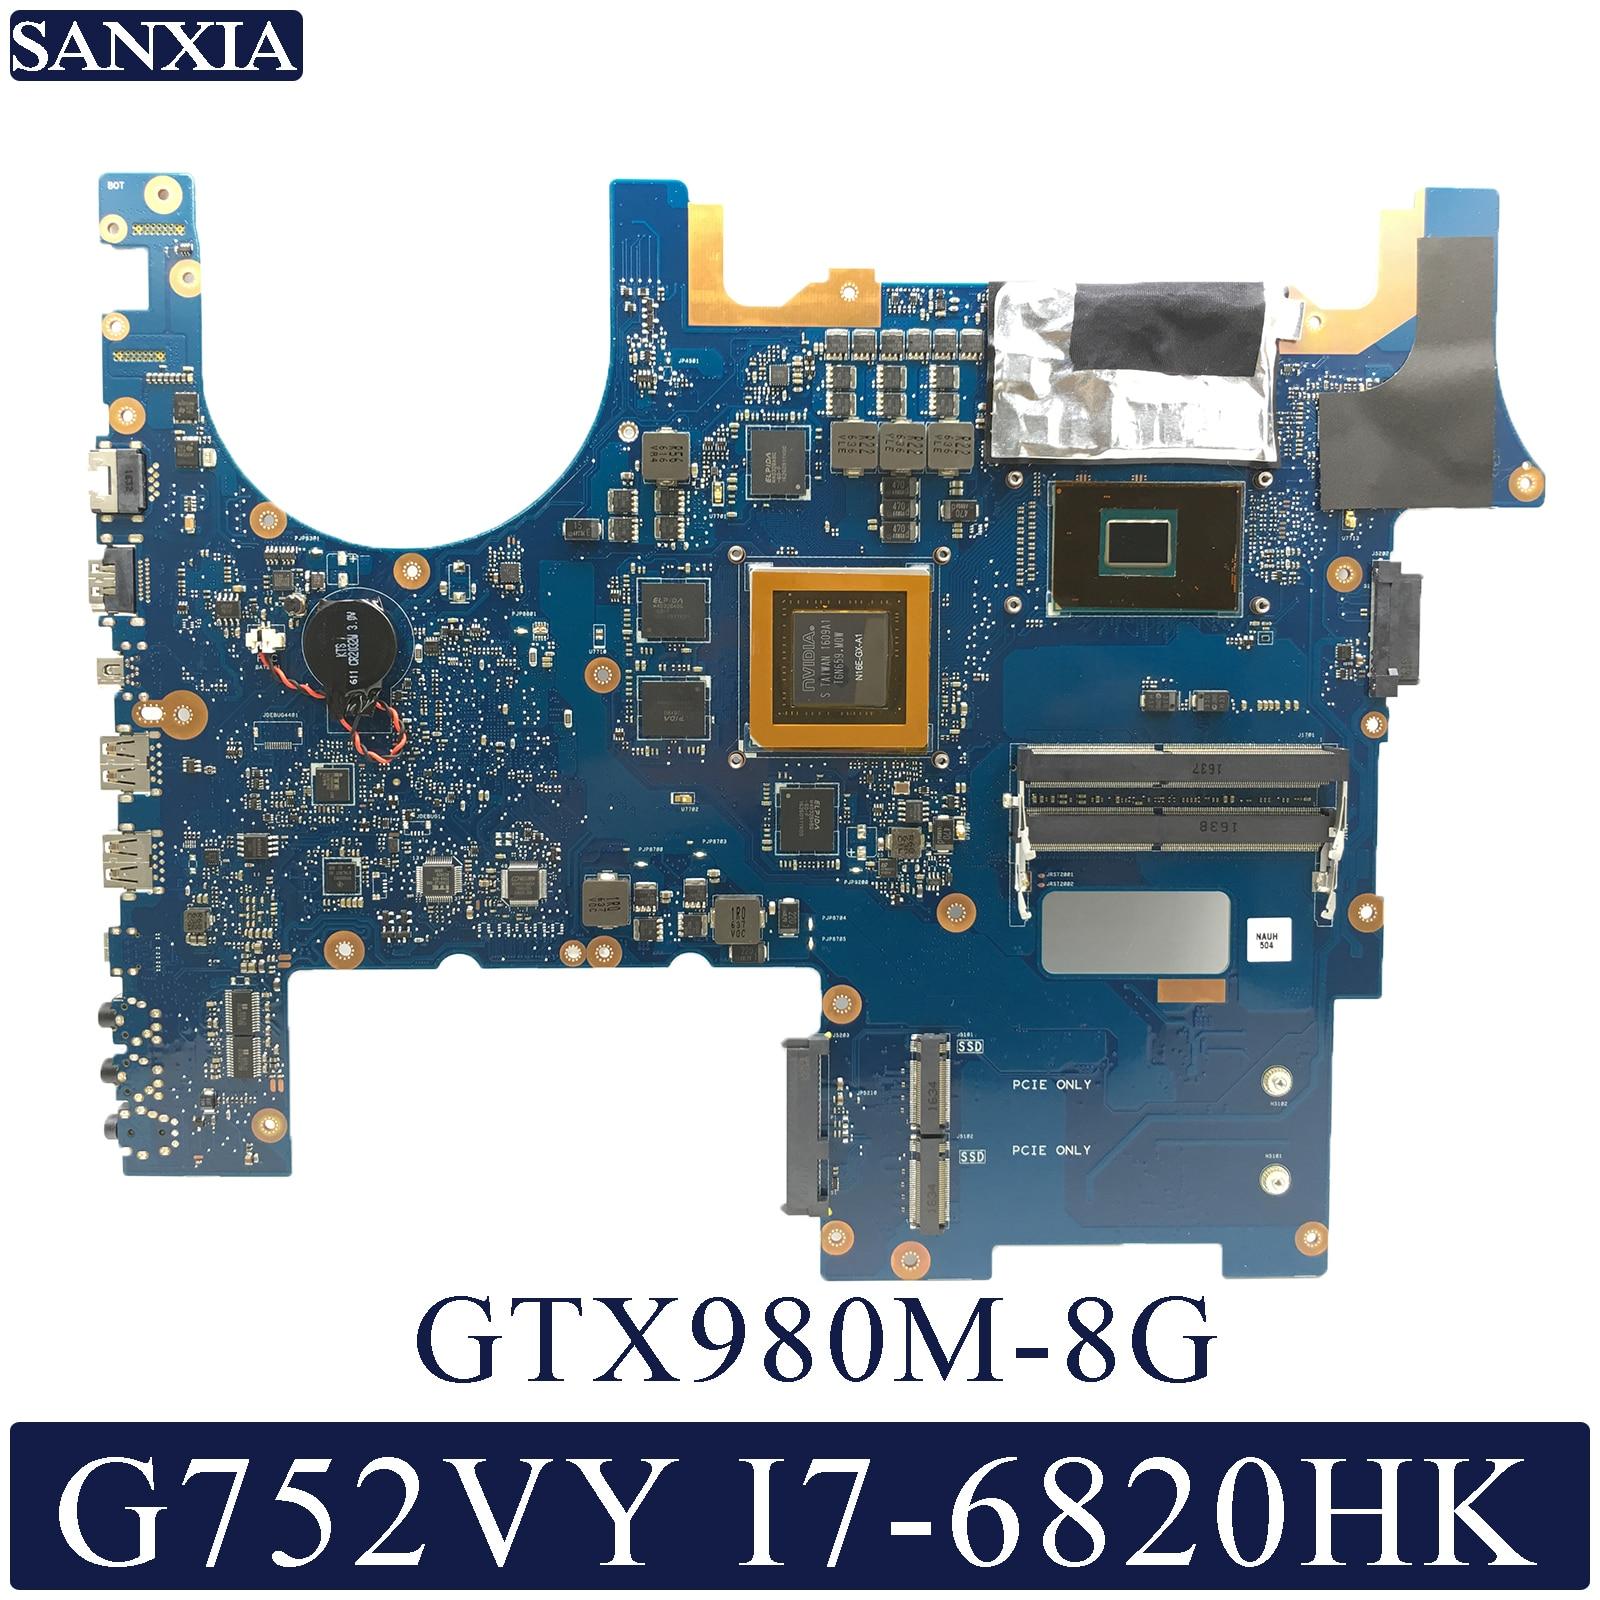 KEFU G752VY Laptop motherboard para ASUS ROG G752VY G752VT G752V G752 Teste mainboard original I7-6820HK GTX980M-8G